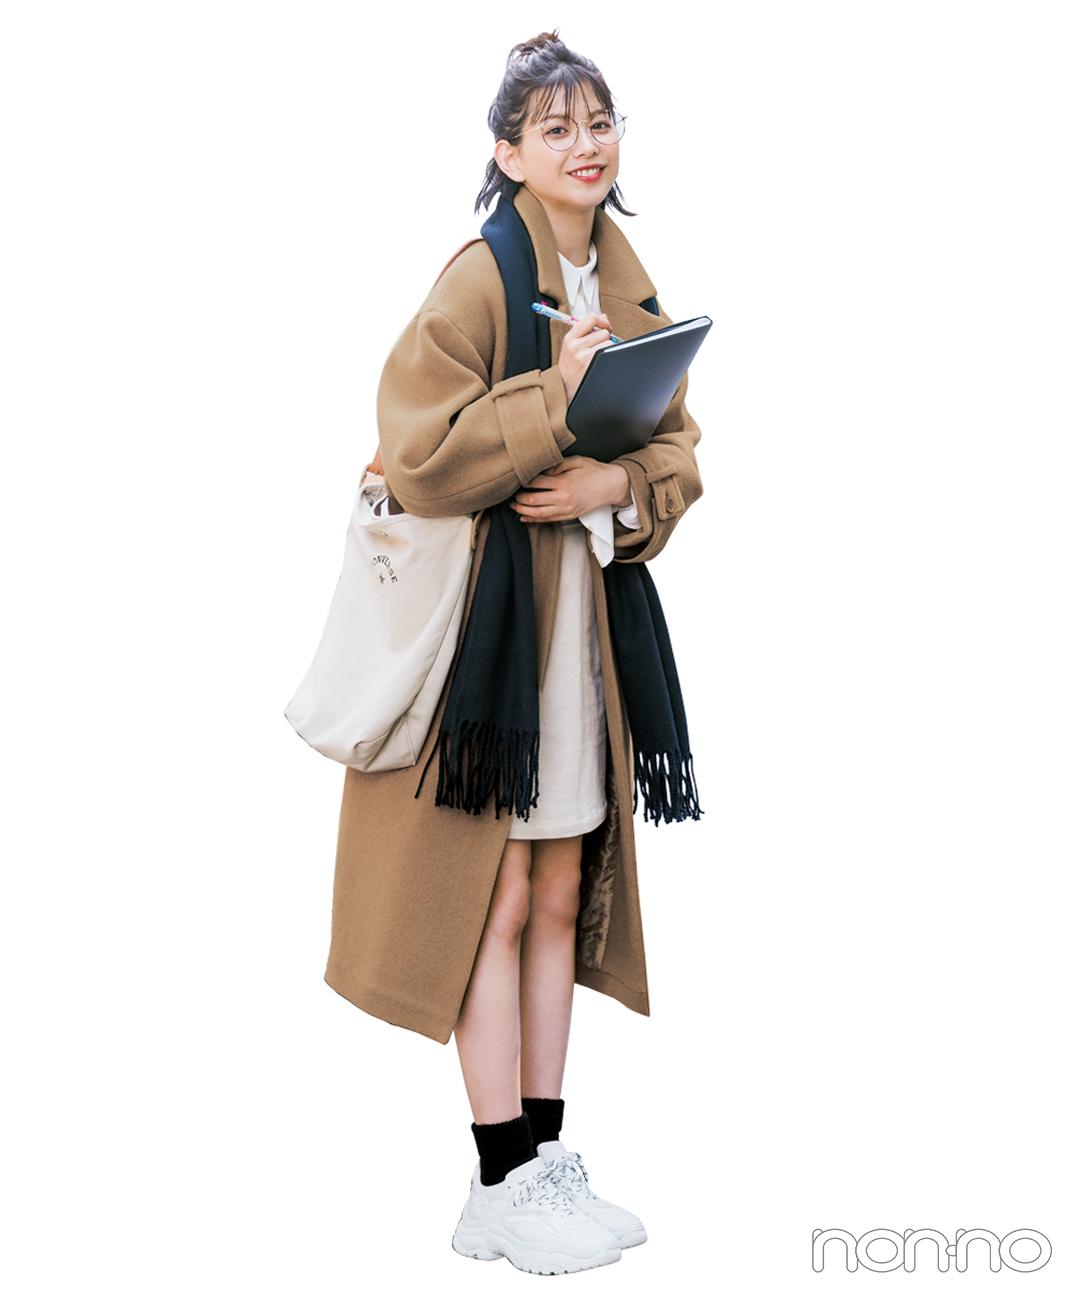 【冬のスニーカーコーデ】図書館で勉強DAY。グッドガールにまとめて形から気合い入れるぞ!